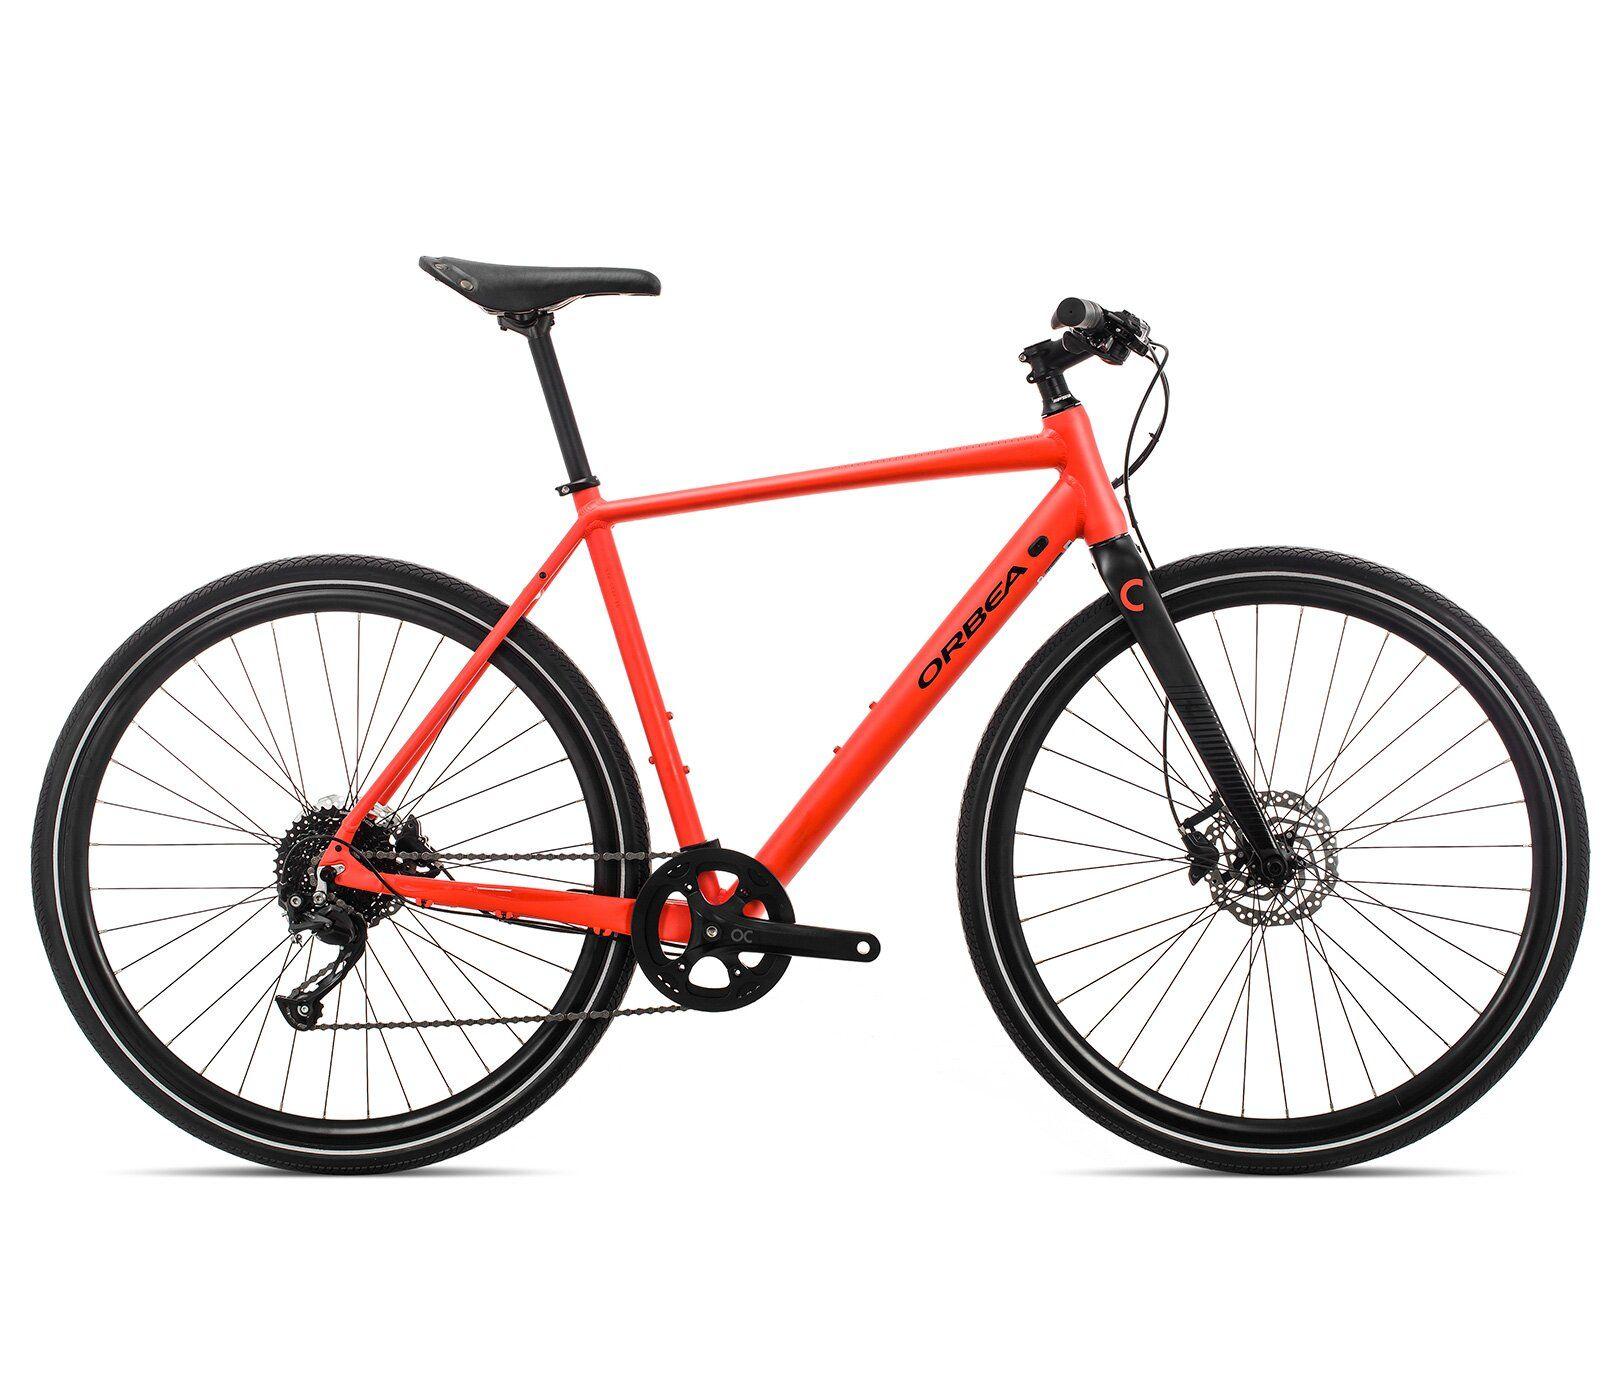 Городской велосипед — чрезвычайно универсальное средство передвижения. Где купить хороший городской велосипед?